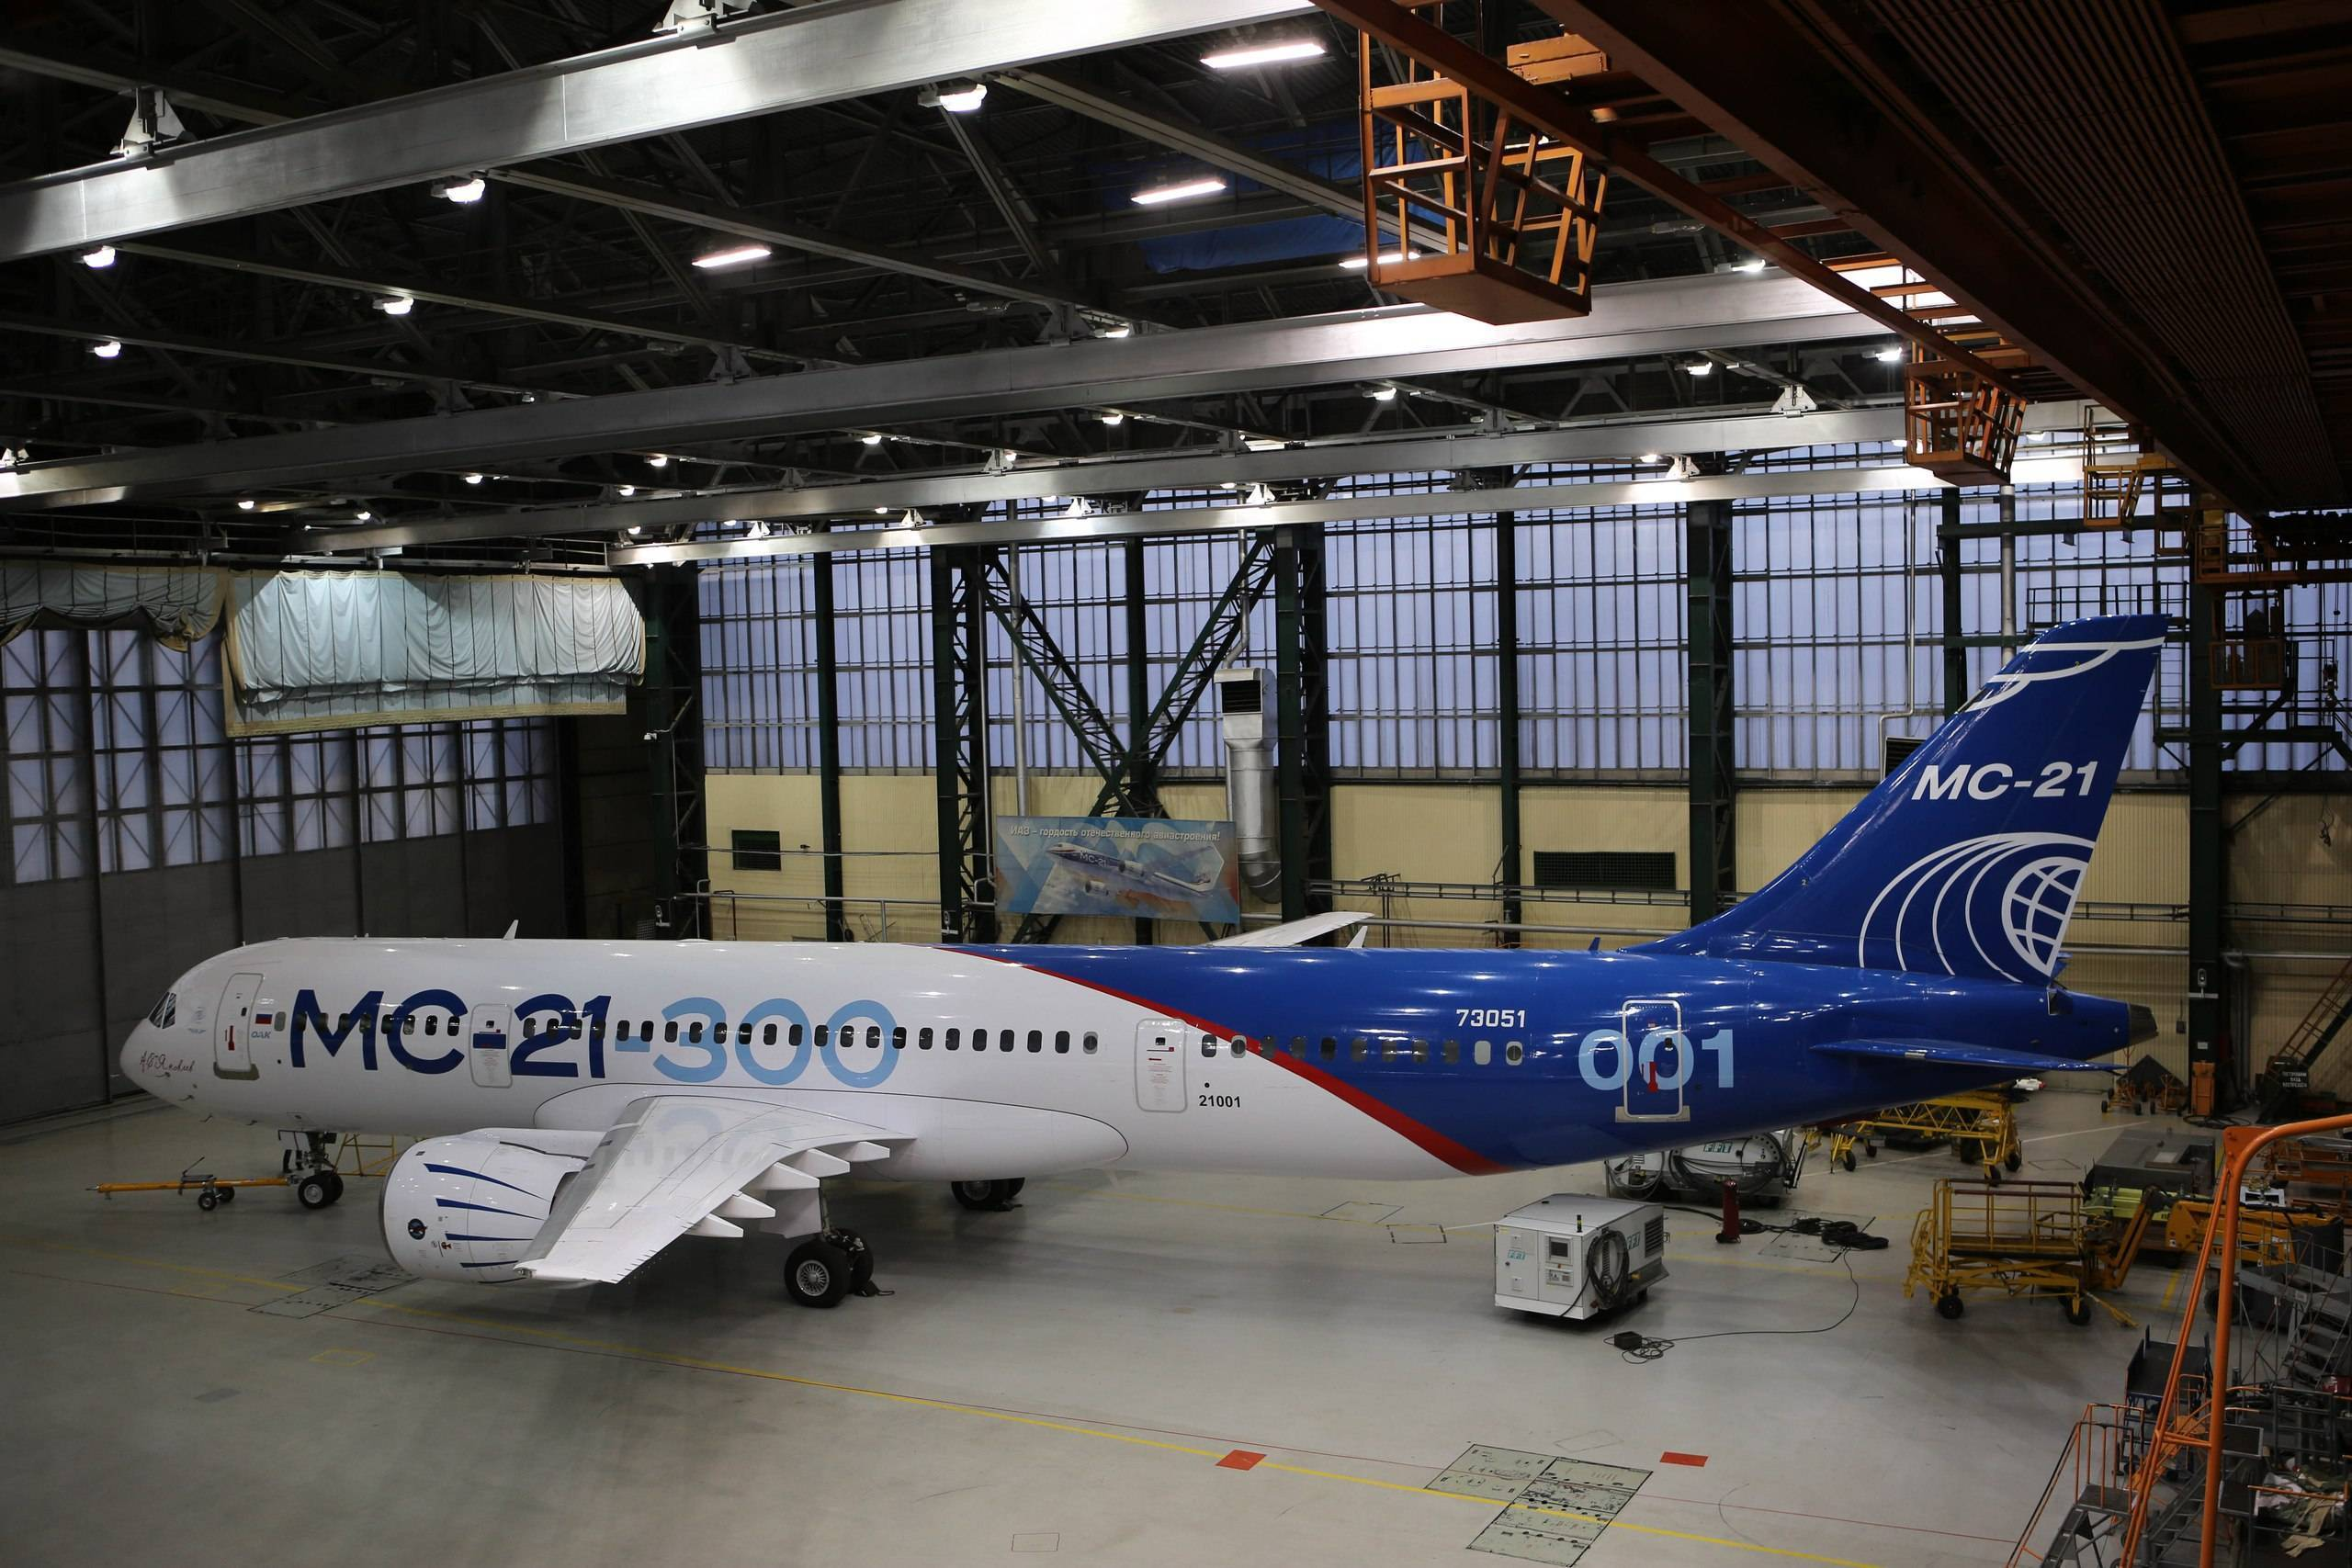 В иркутске впервые представили новейший пассажирский самолет мс-21